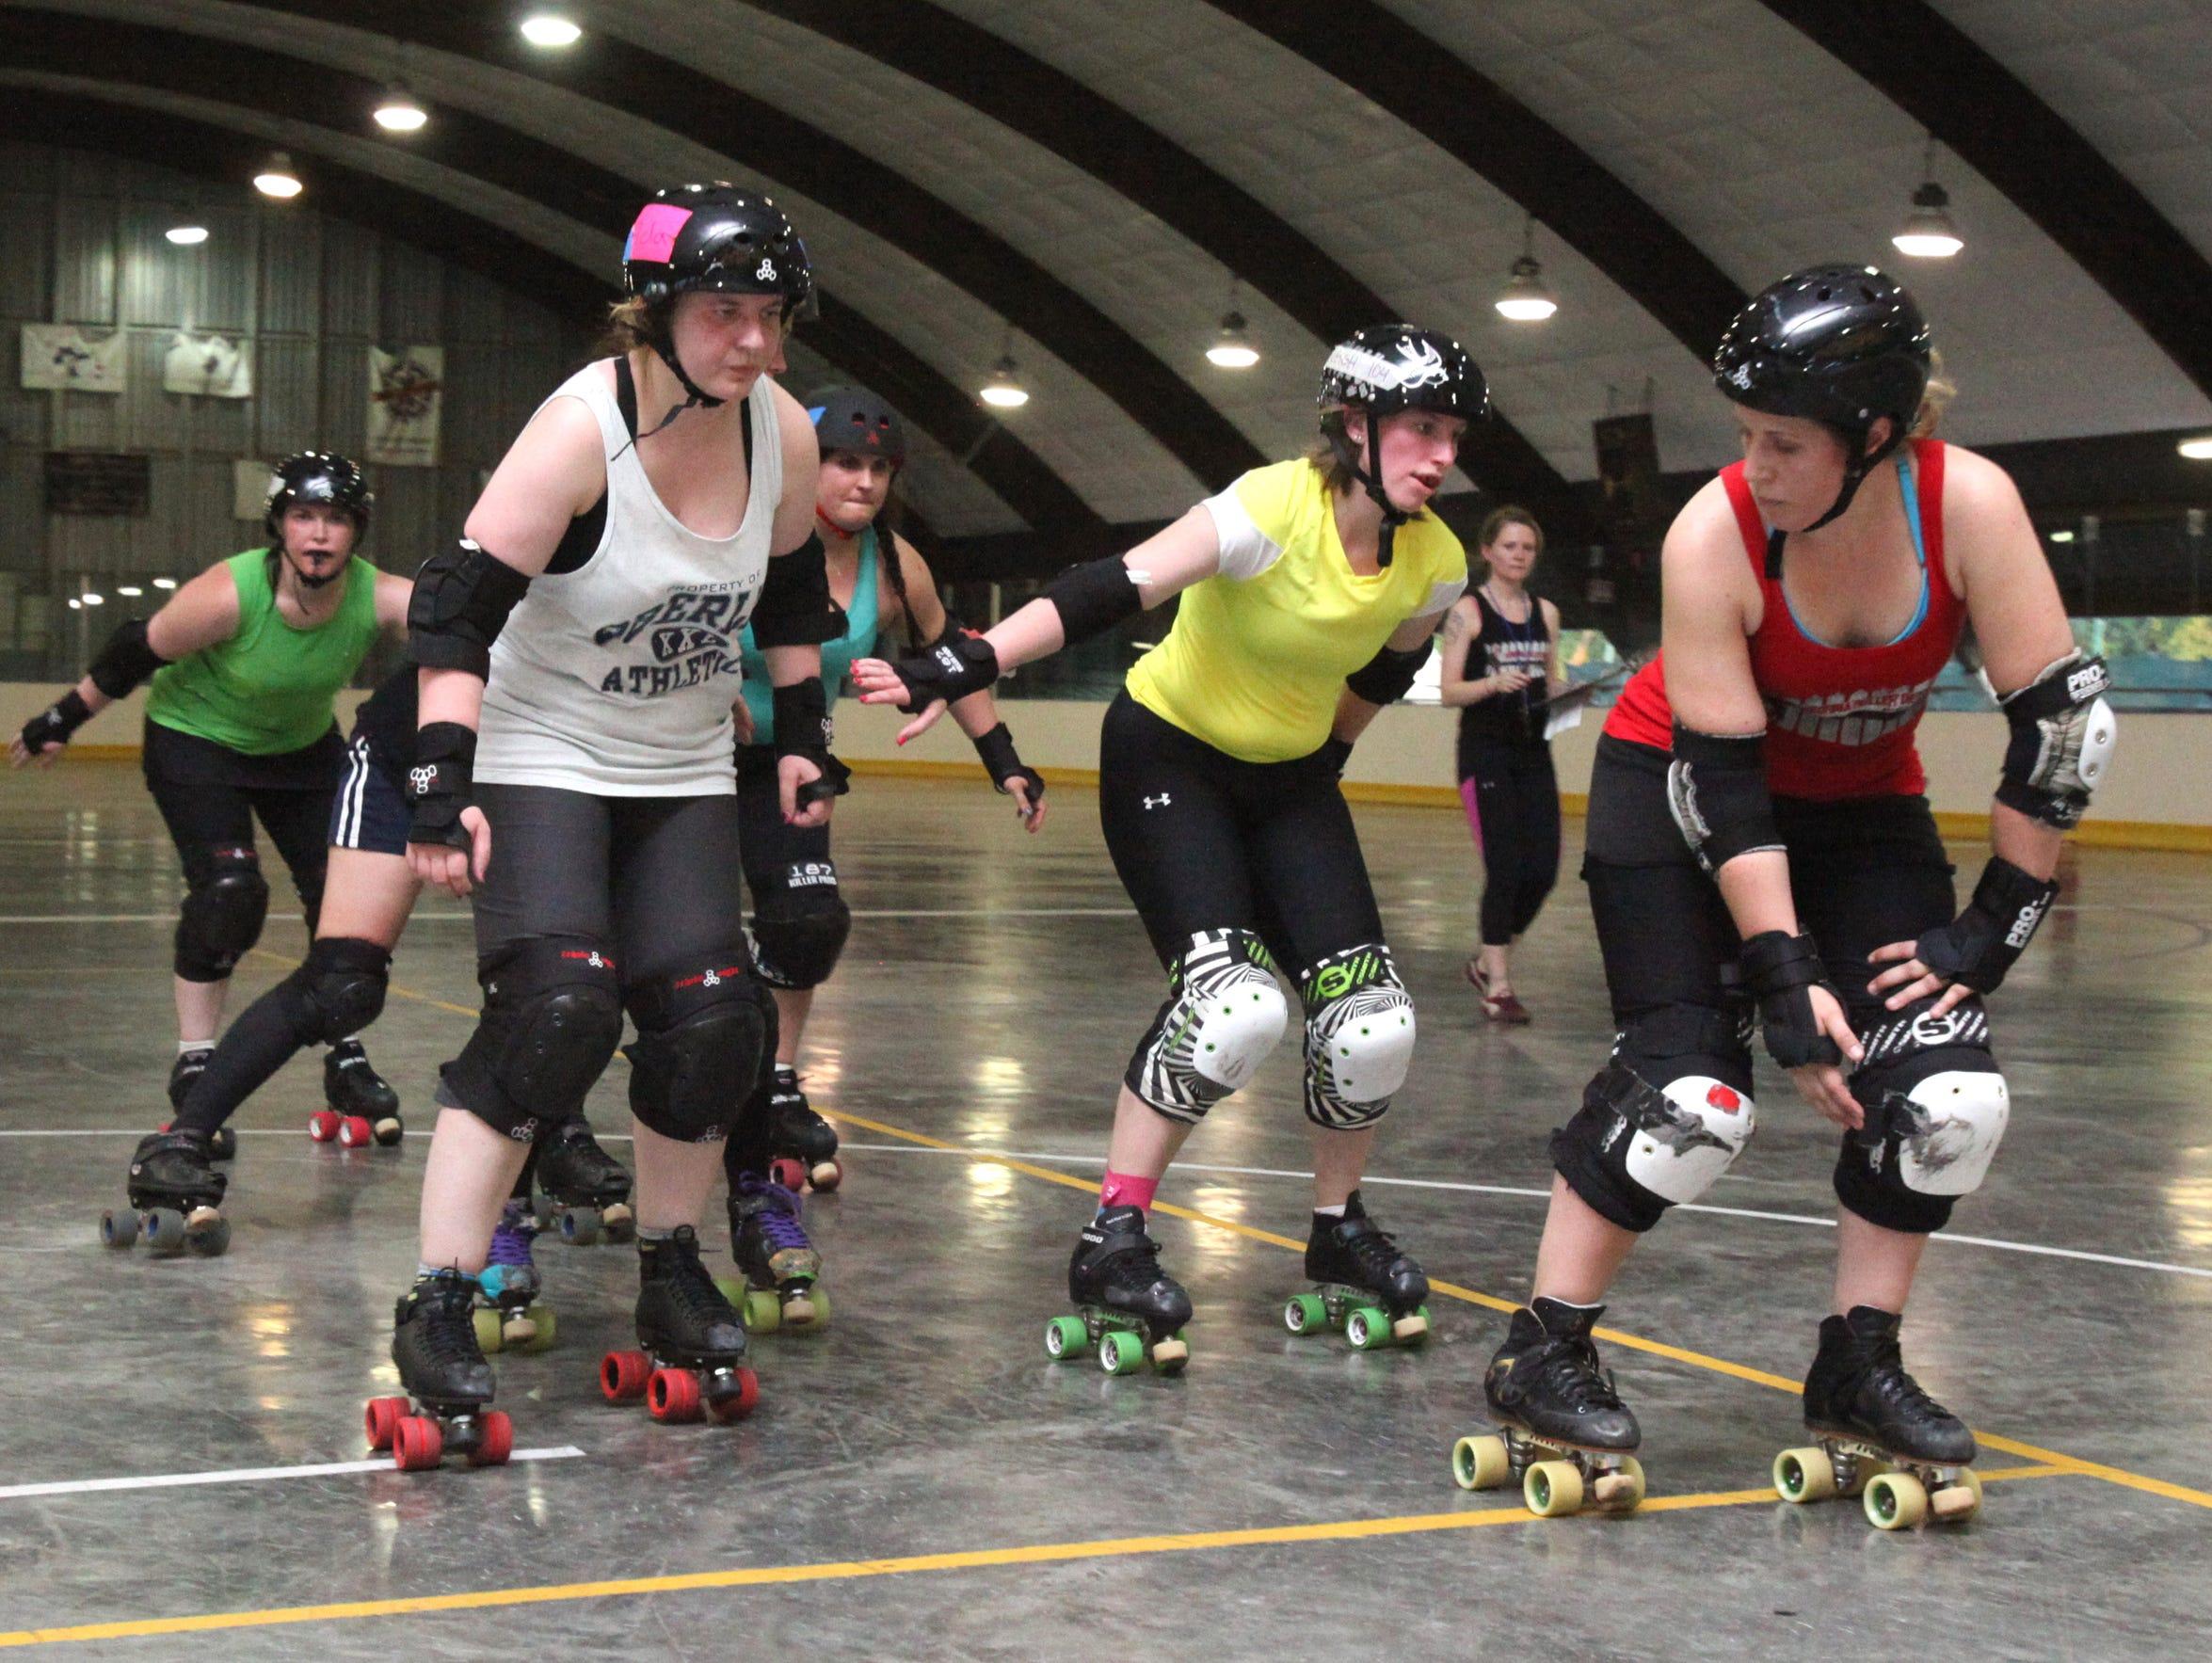 Roller skating rink westchester -